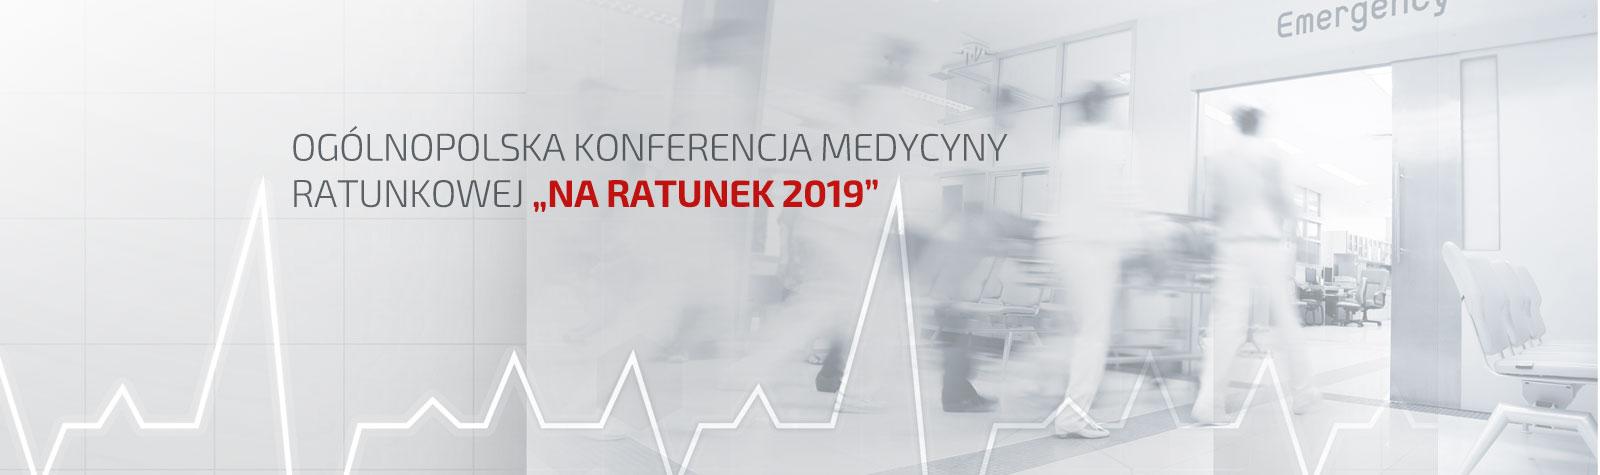 """Ogólnopolska Konferencja Medycyny Ratunkowej """"Na Ratunek 2019"""""""